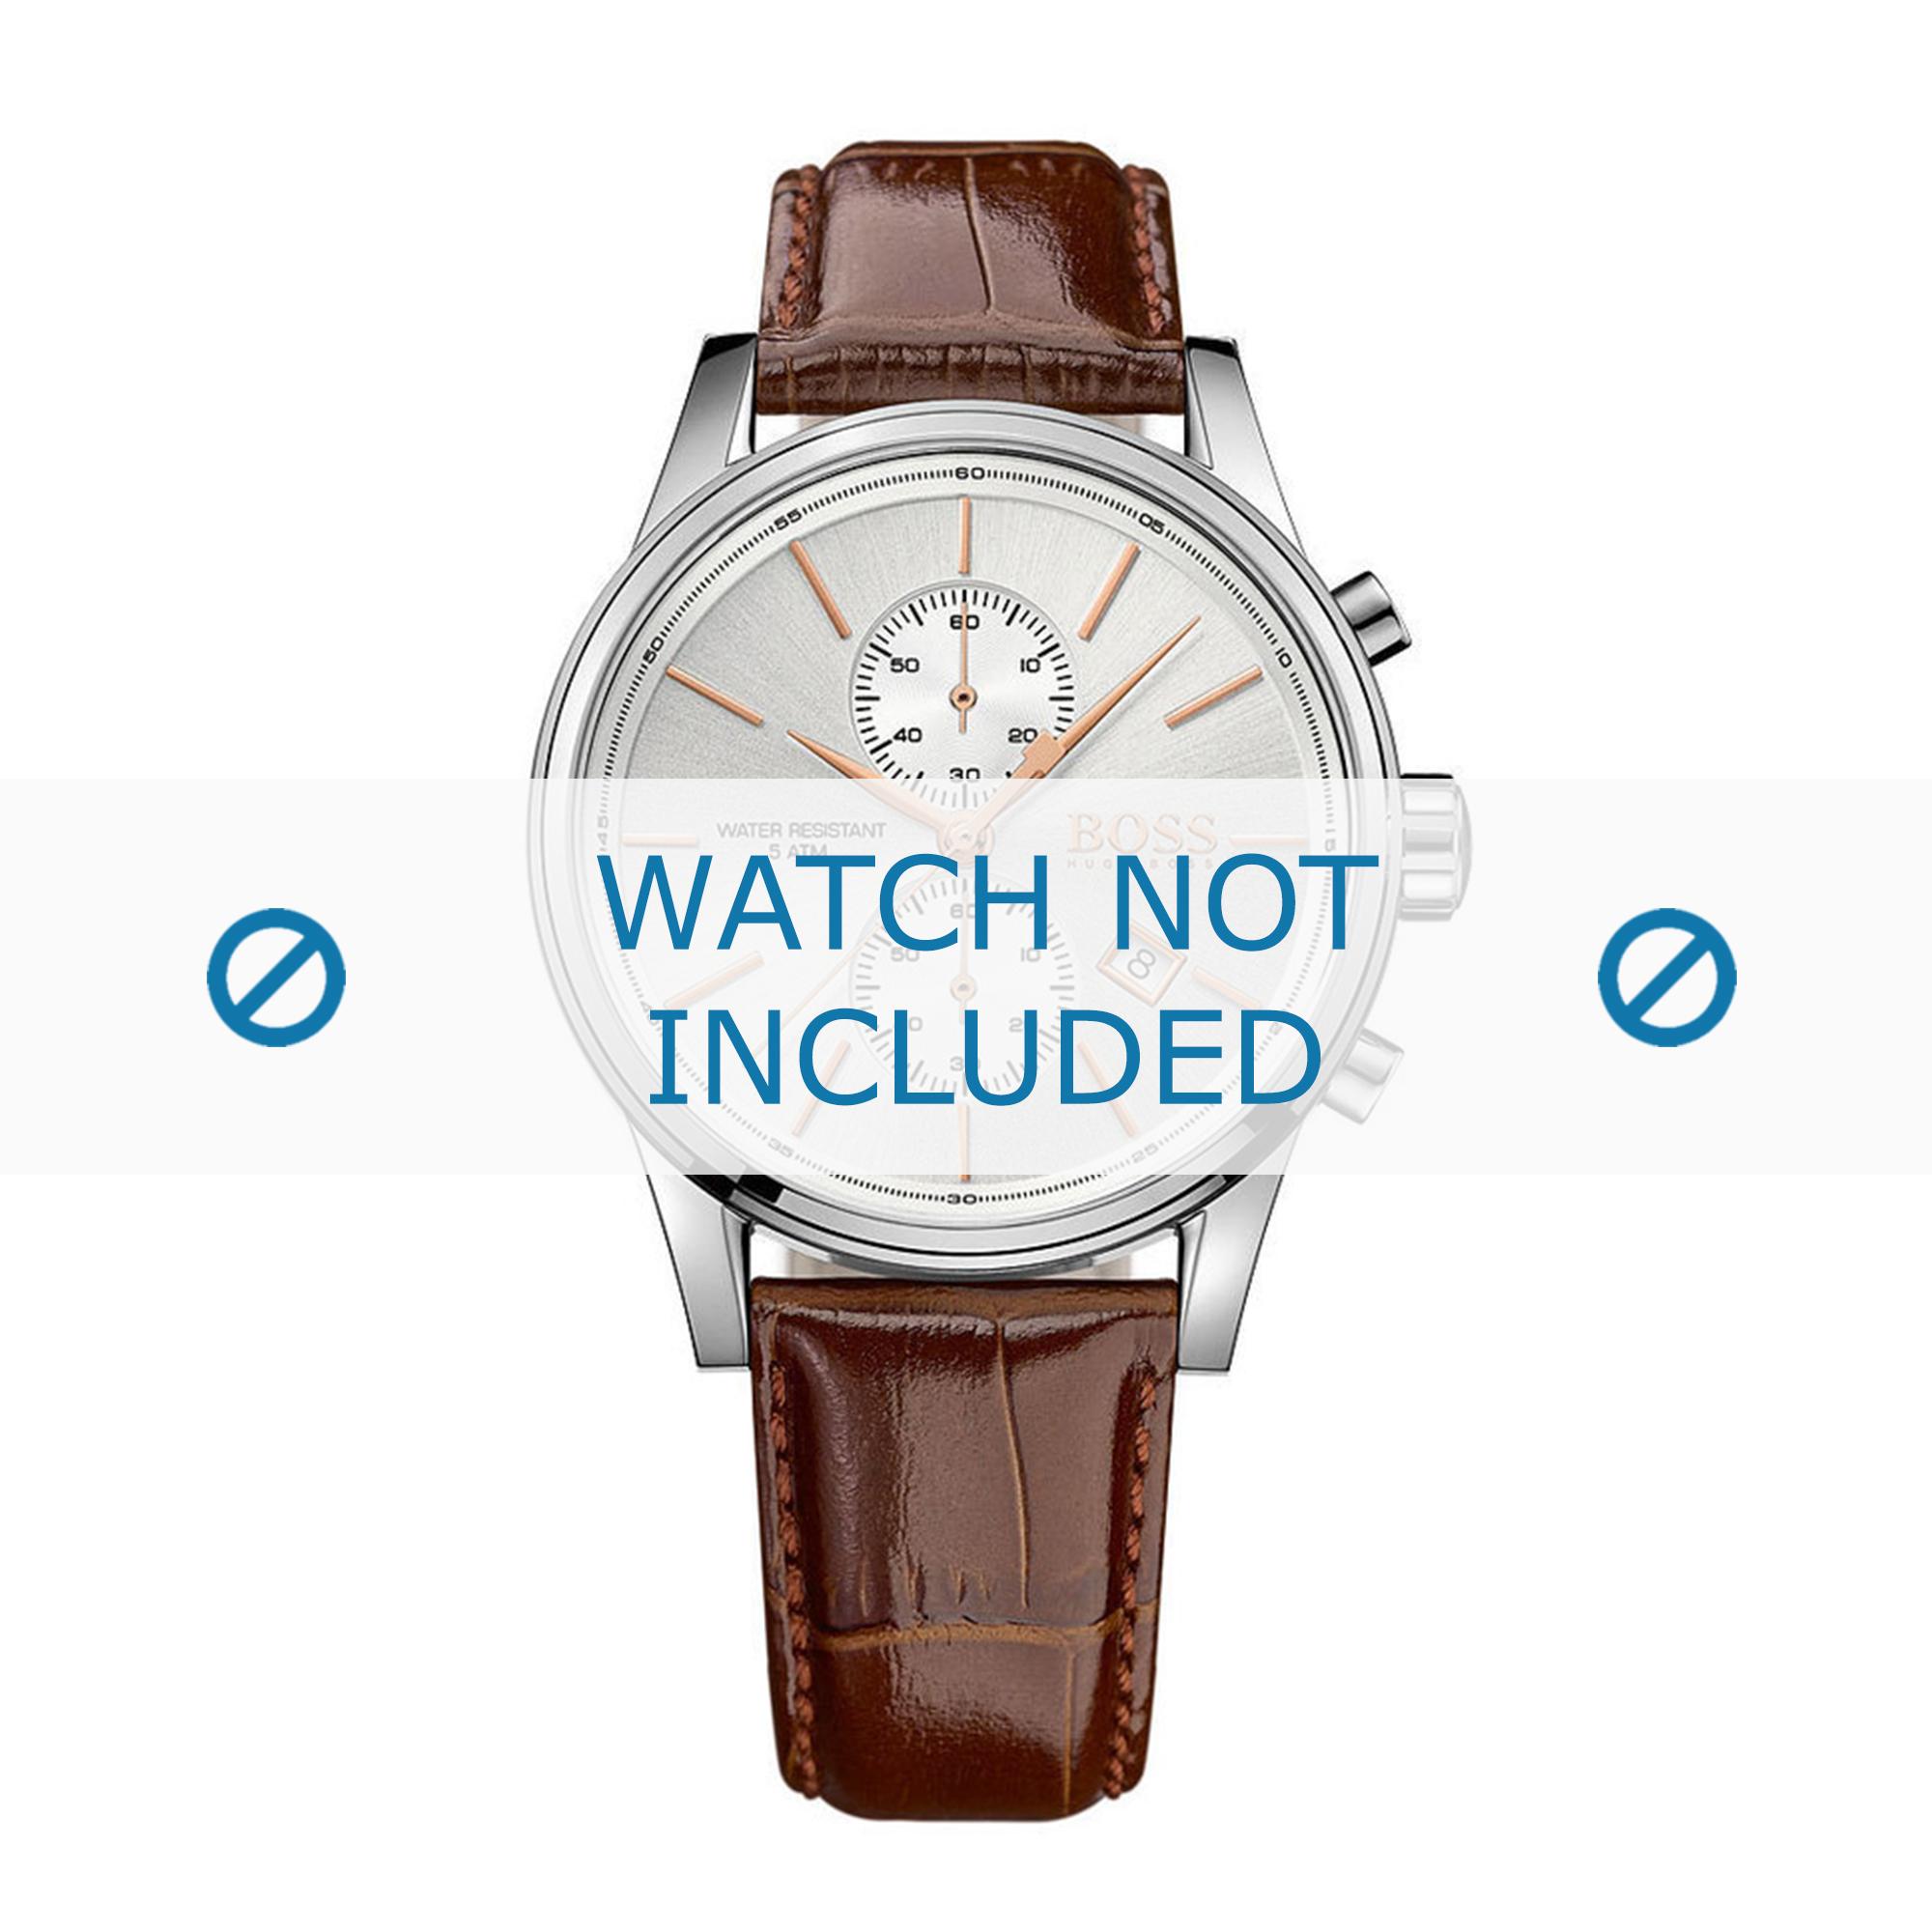 Hugo Boss horlogeband HB-275-1-14-2846-HB1513280 Croco leder Bruin + bruin stiksel